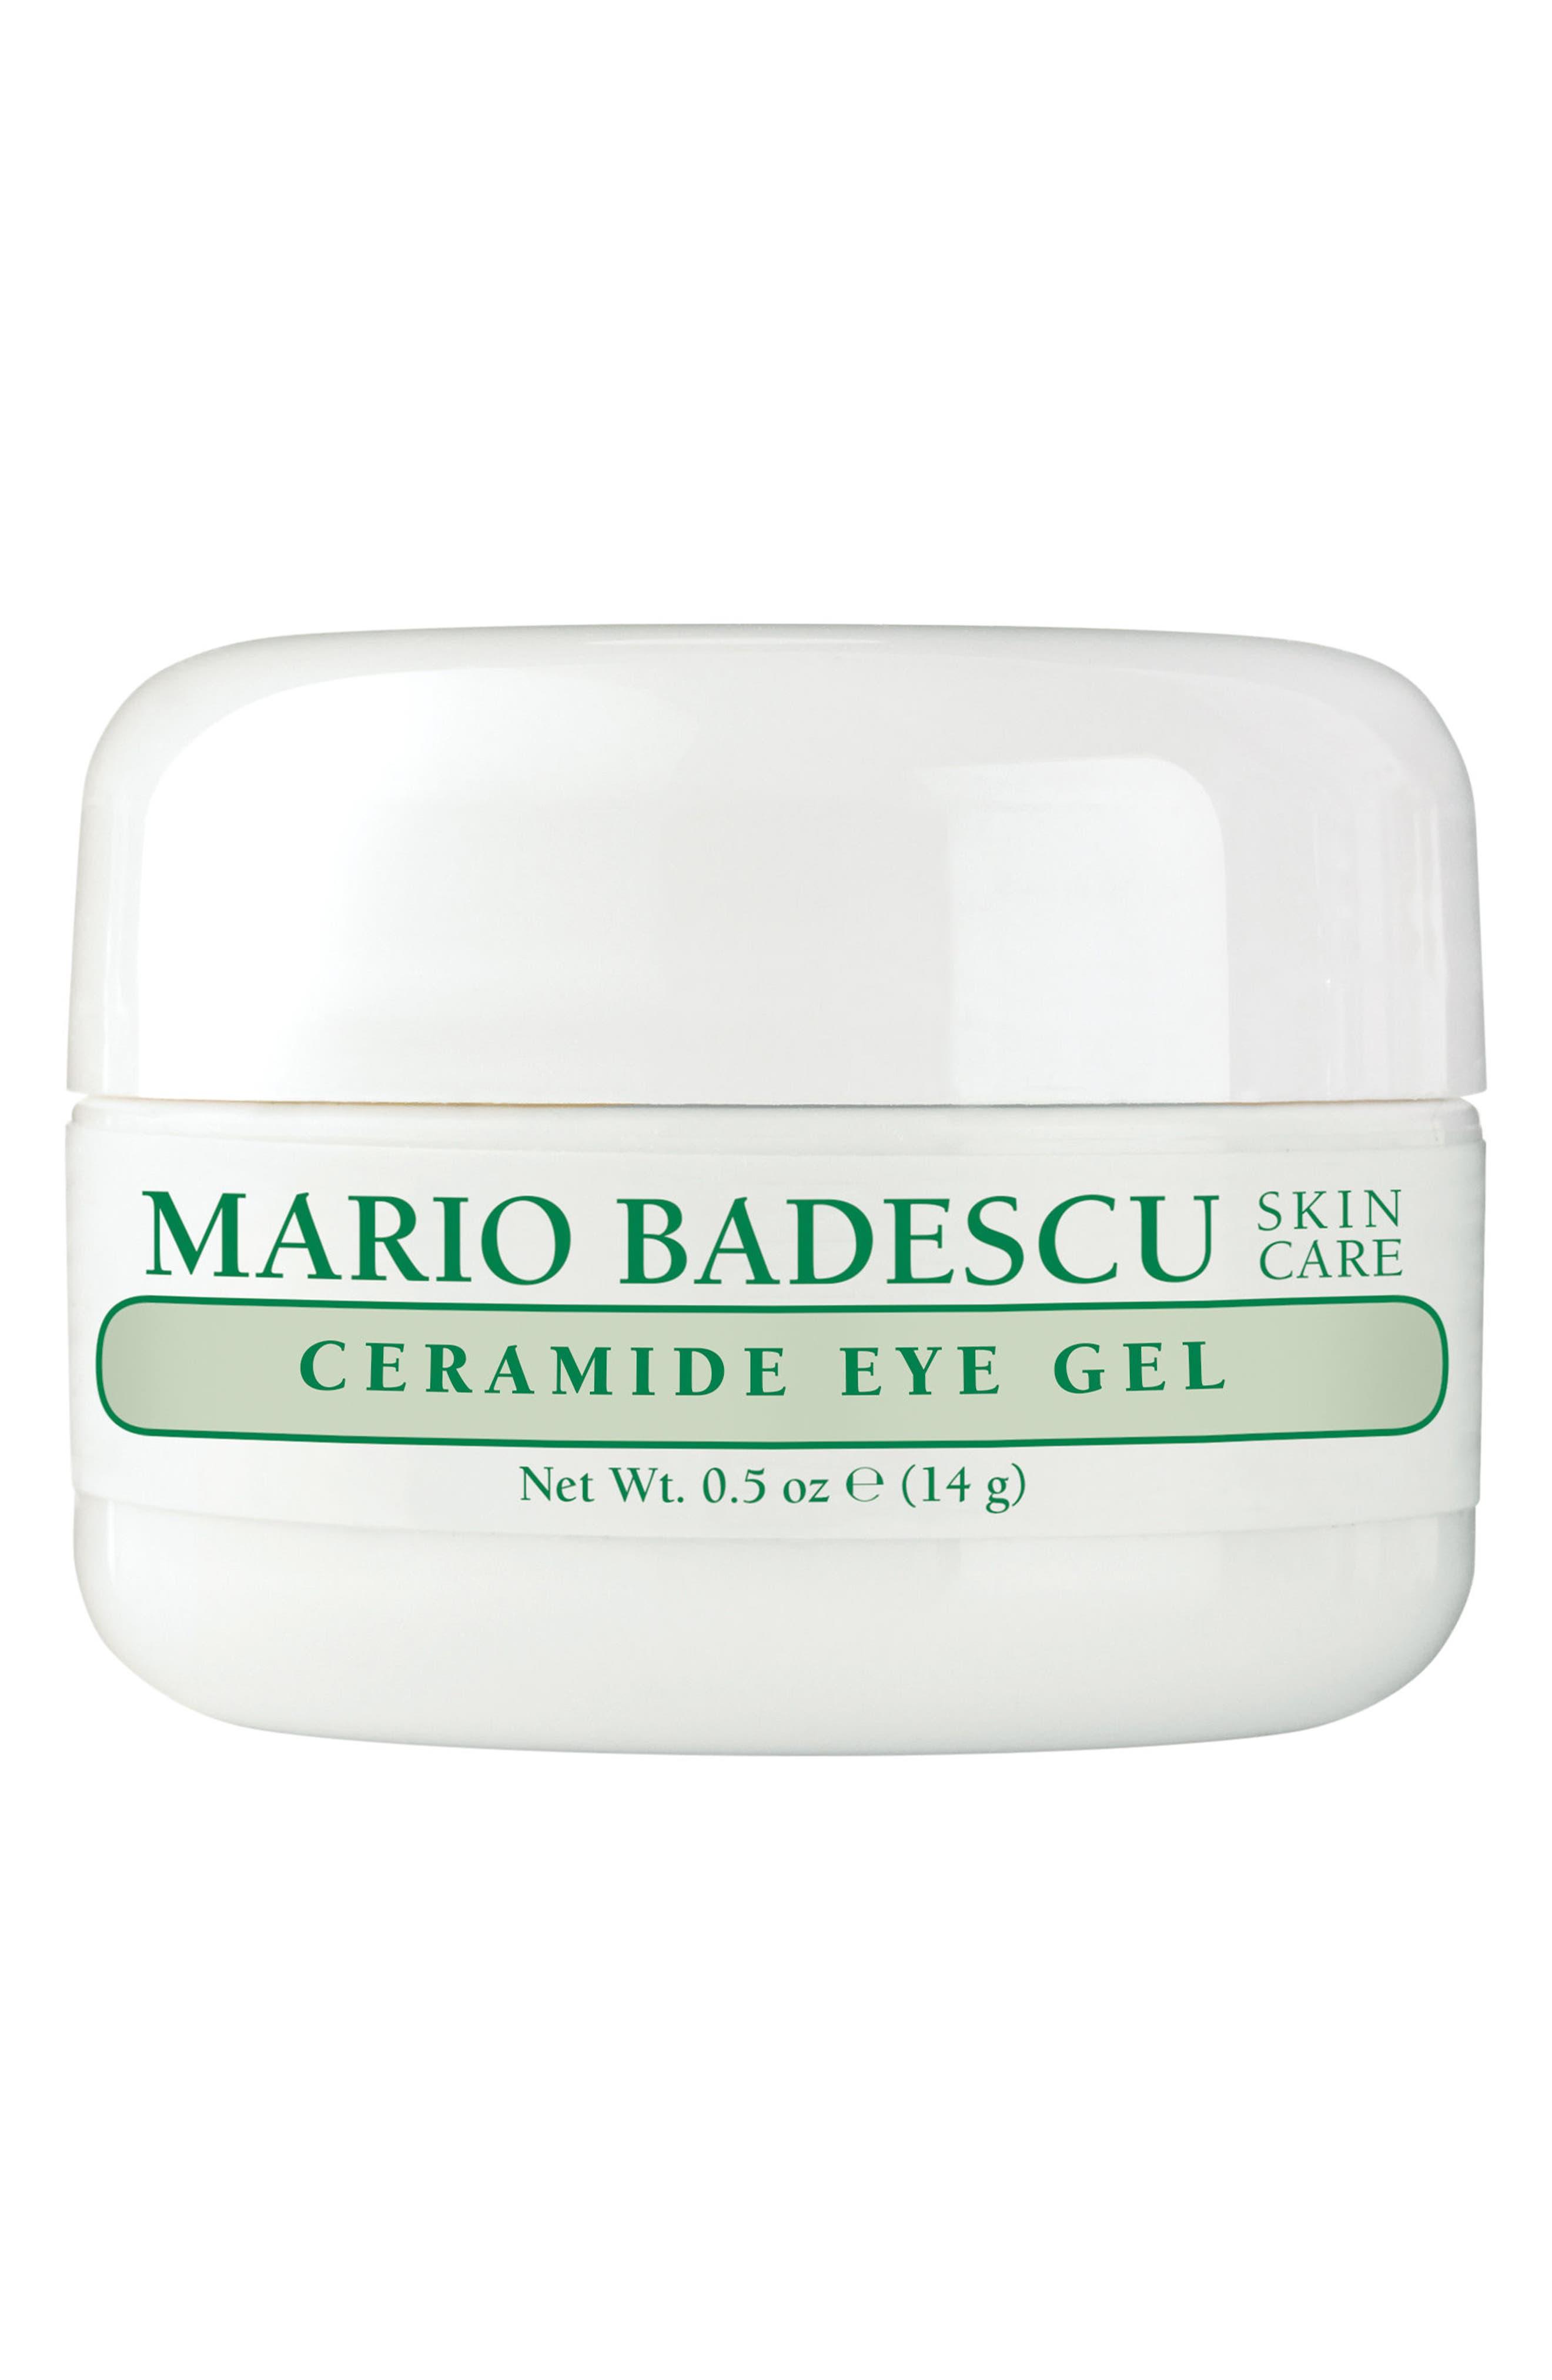 MARIO BADESCU Ceramide Eye Gel, Main, color, NO COLOR